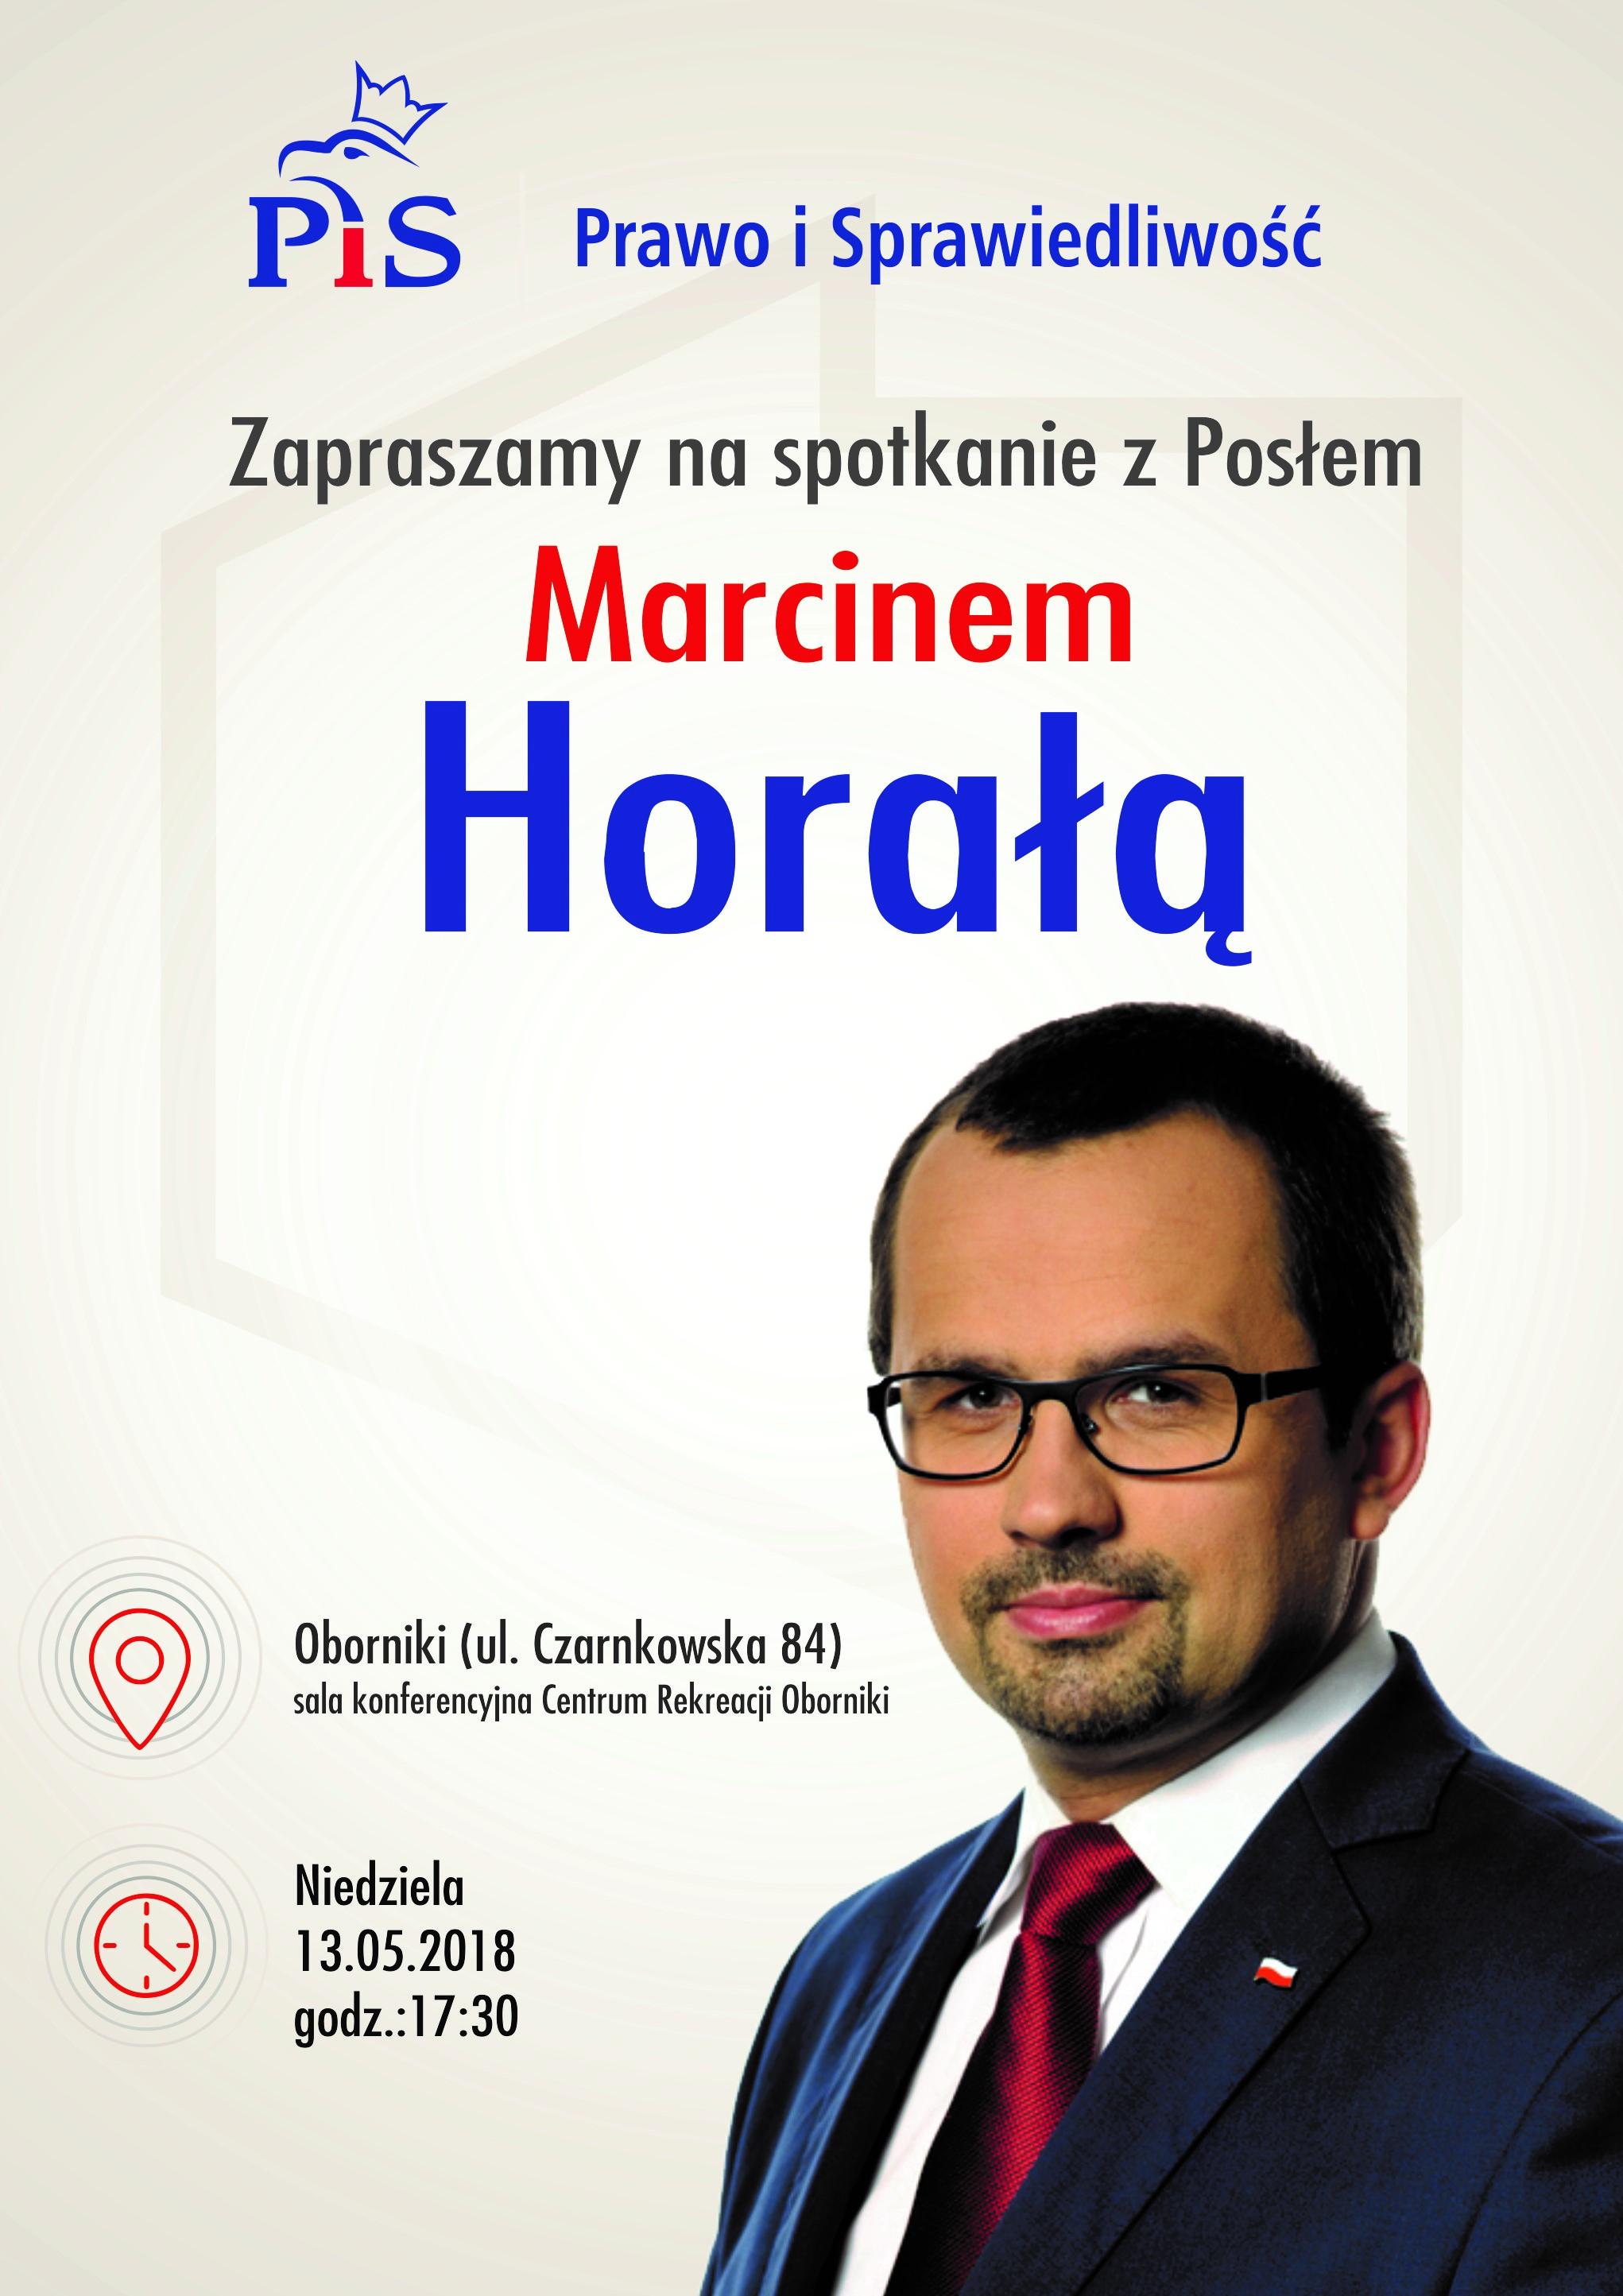 M Horala Oborniki